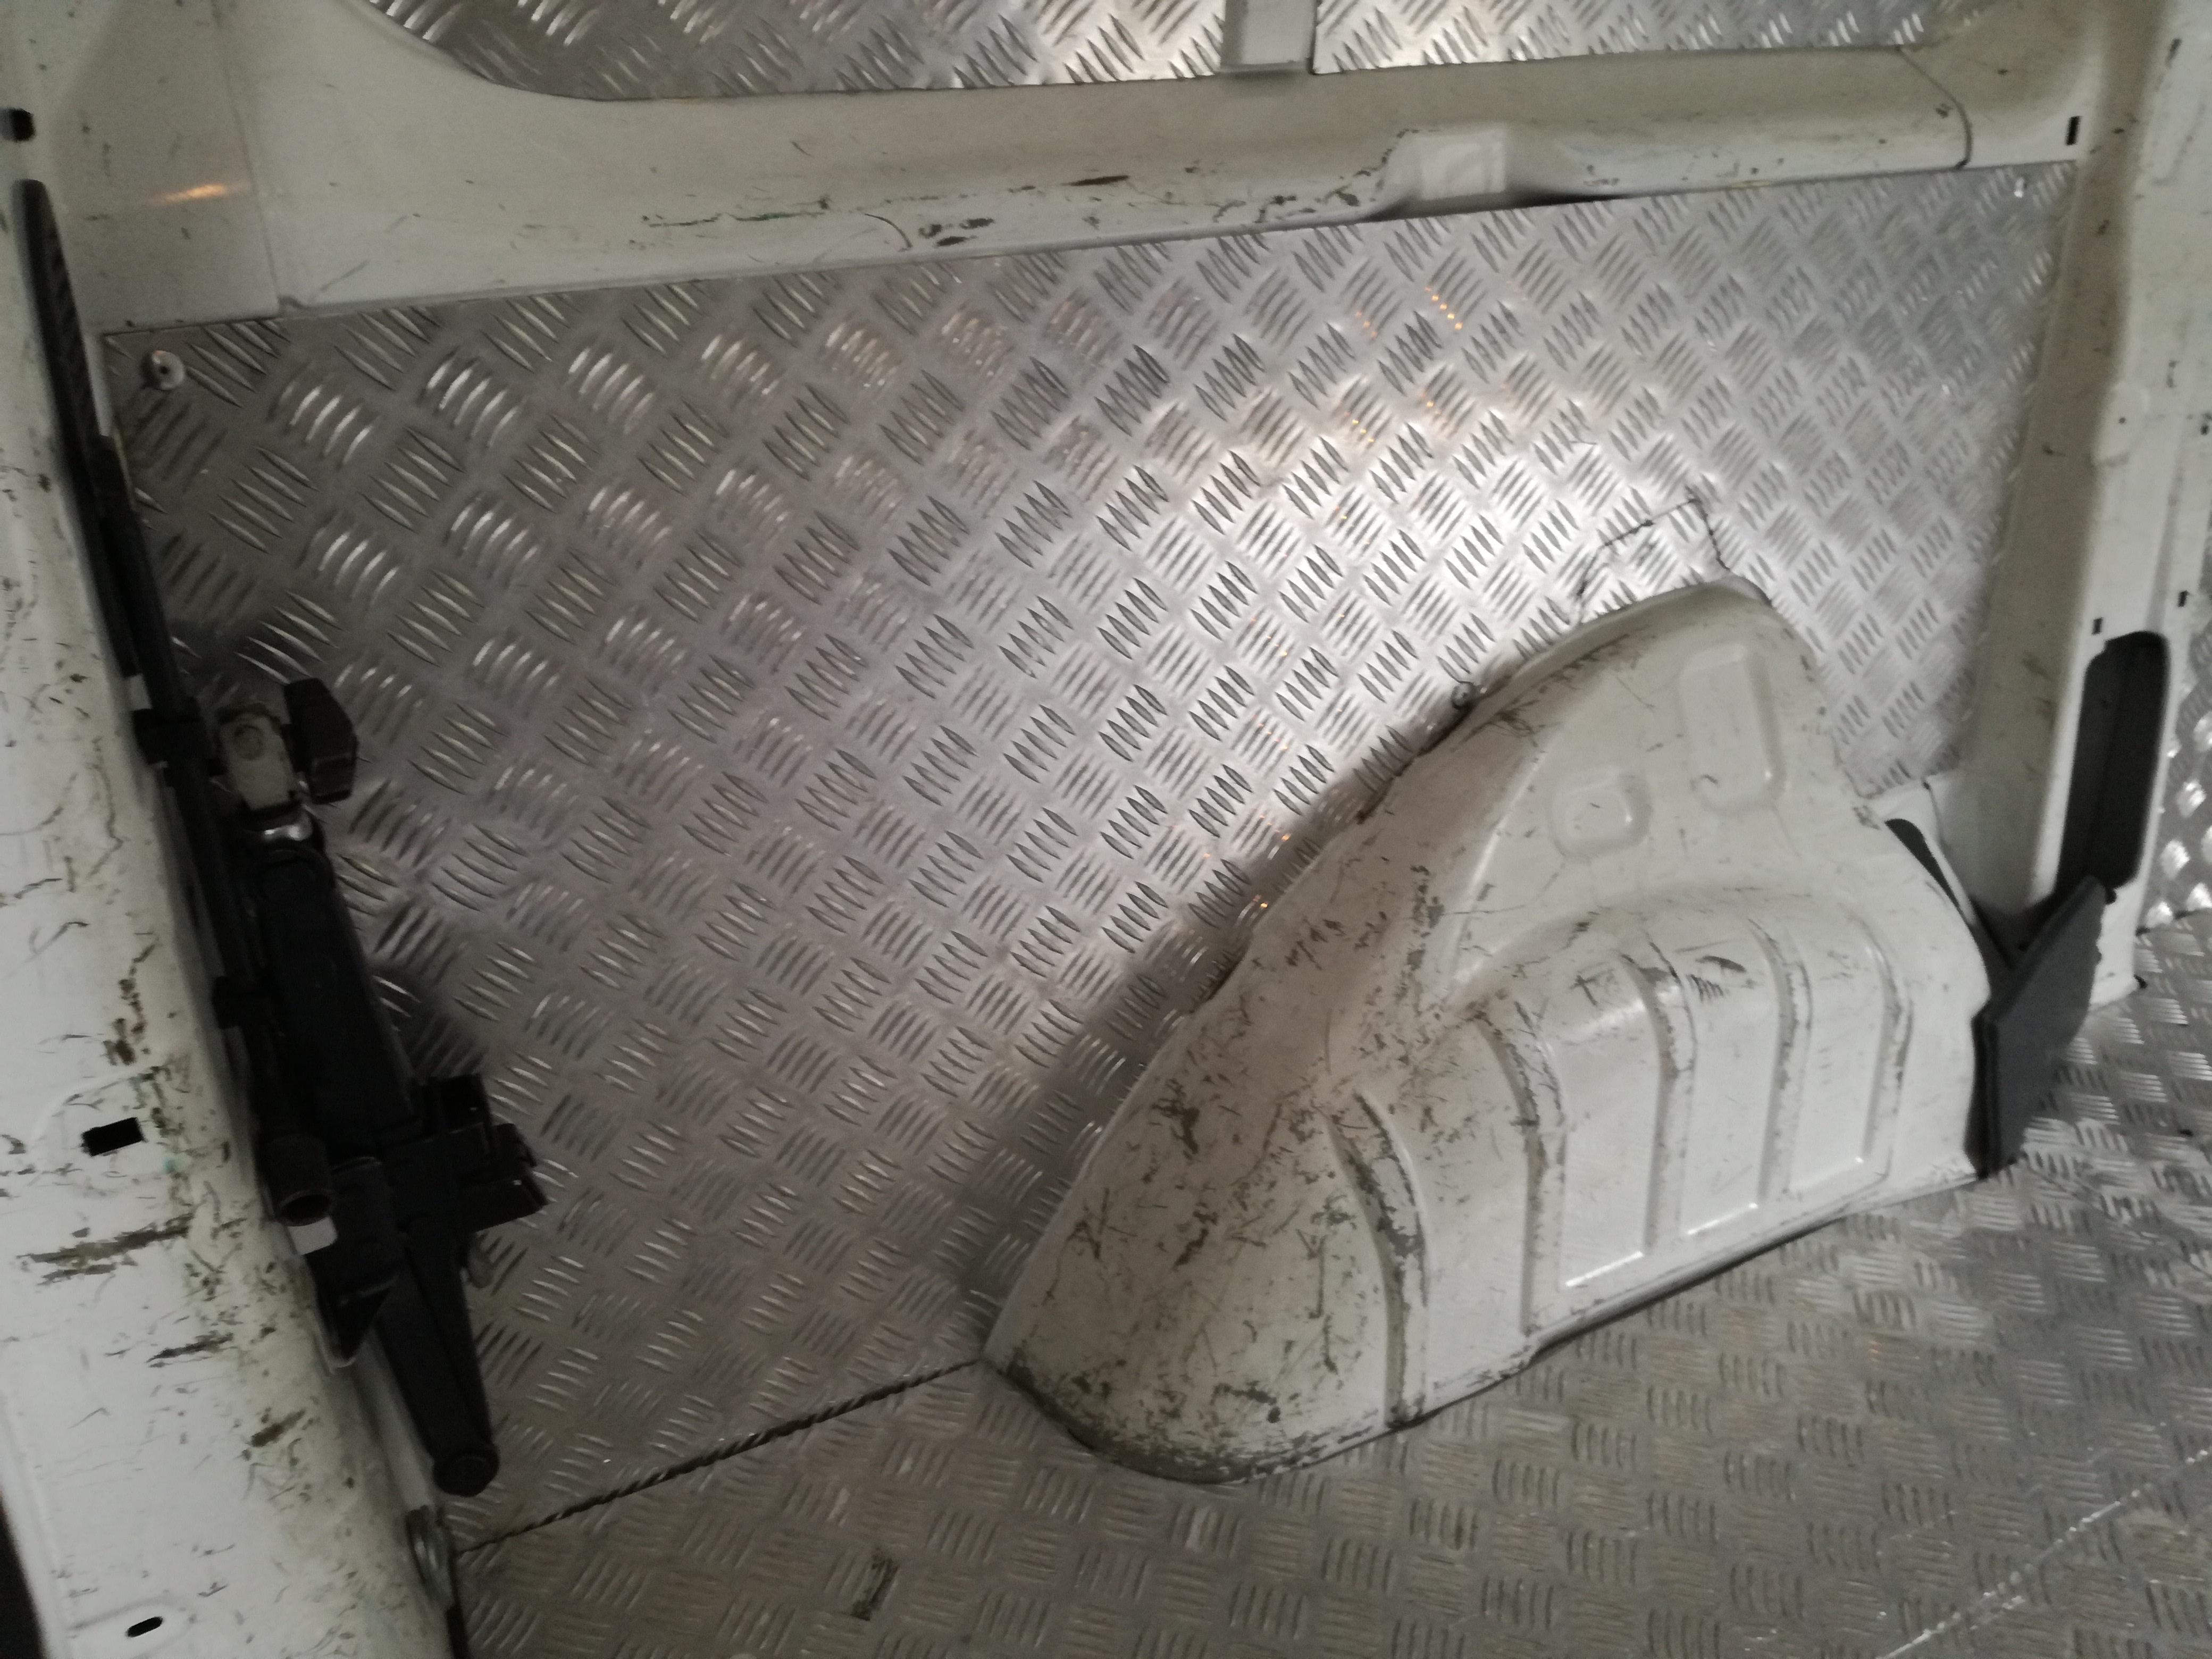 Forrar carrinhas em alumínio antiderrapante